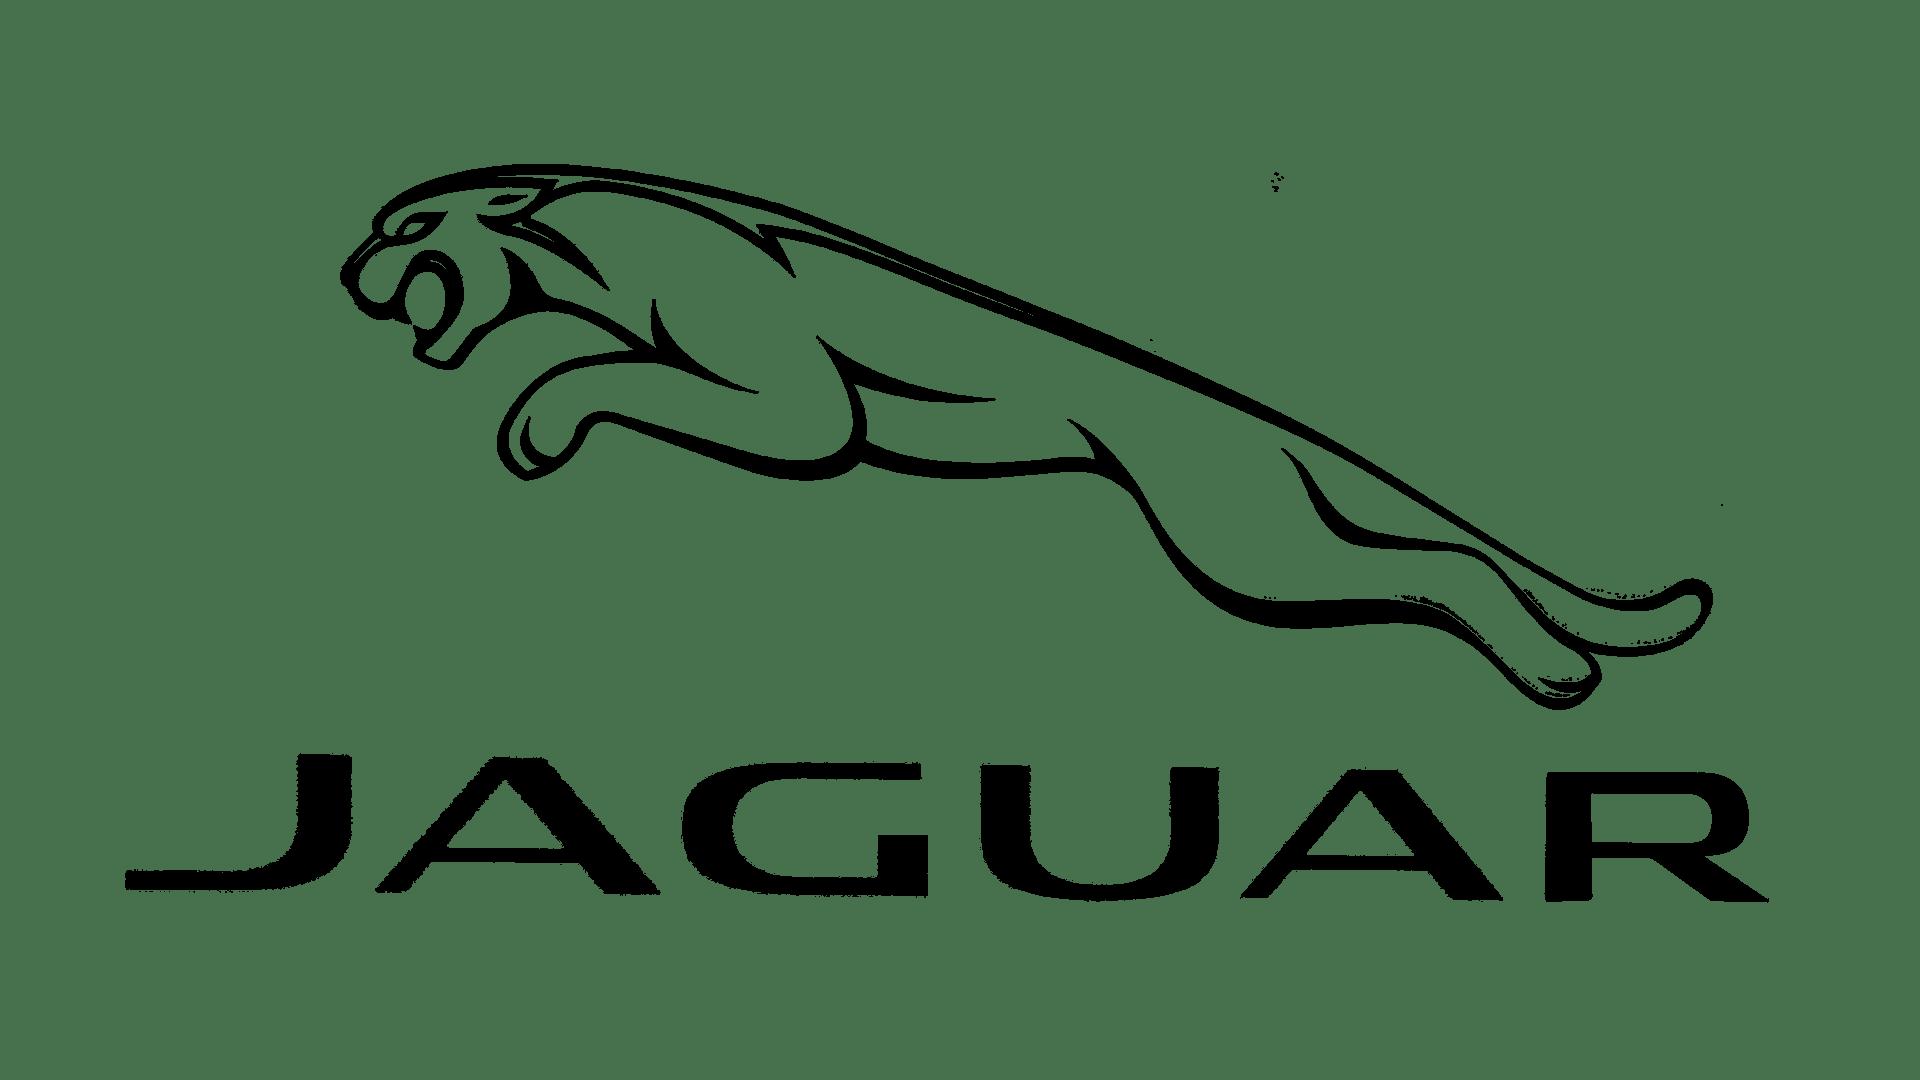 Jaguar Symbol Black X Welcome To Digital Works Group